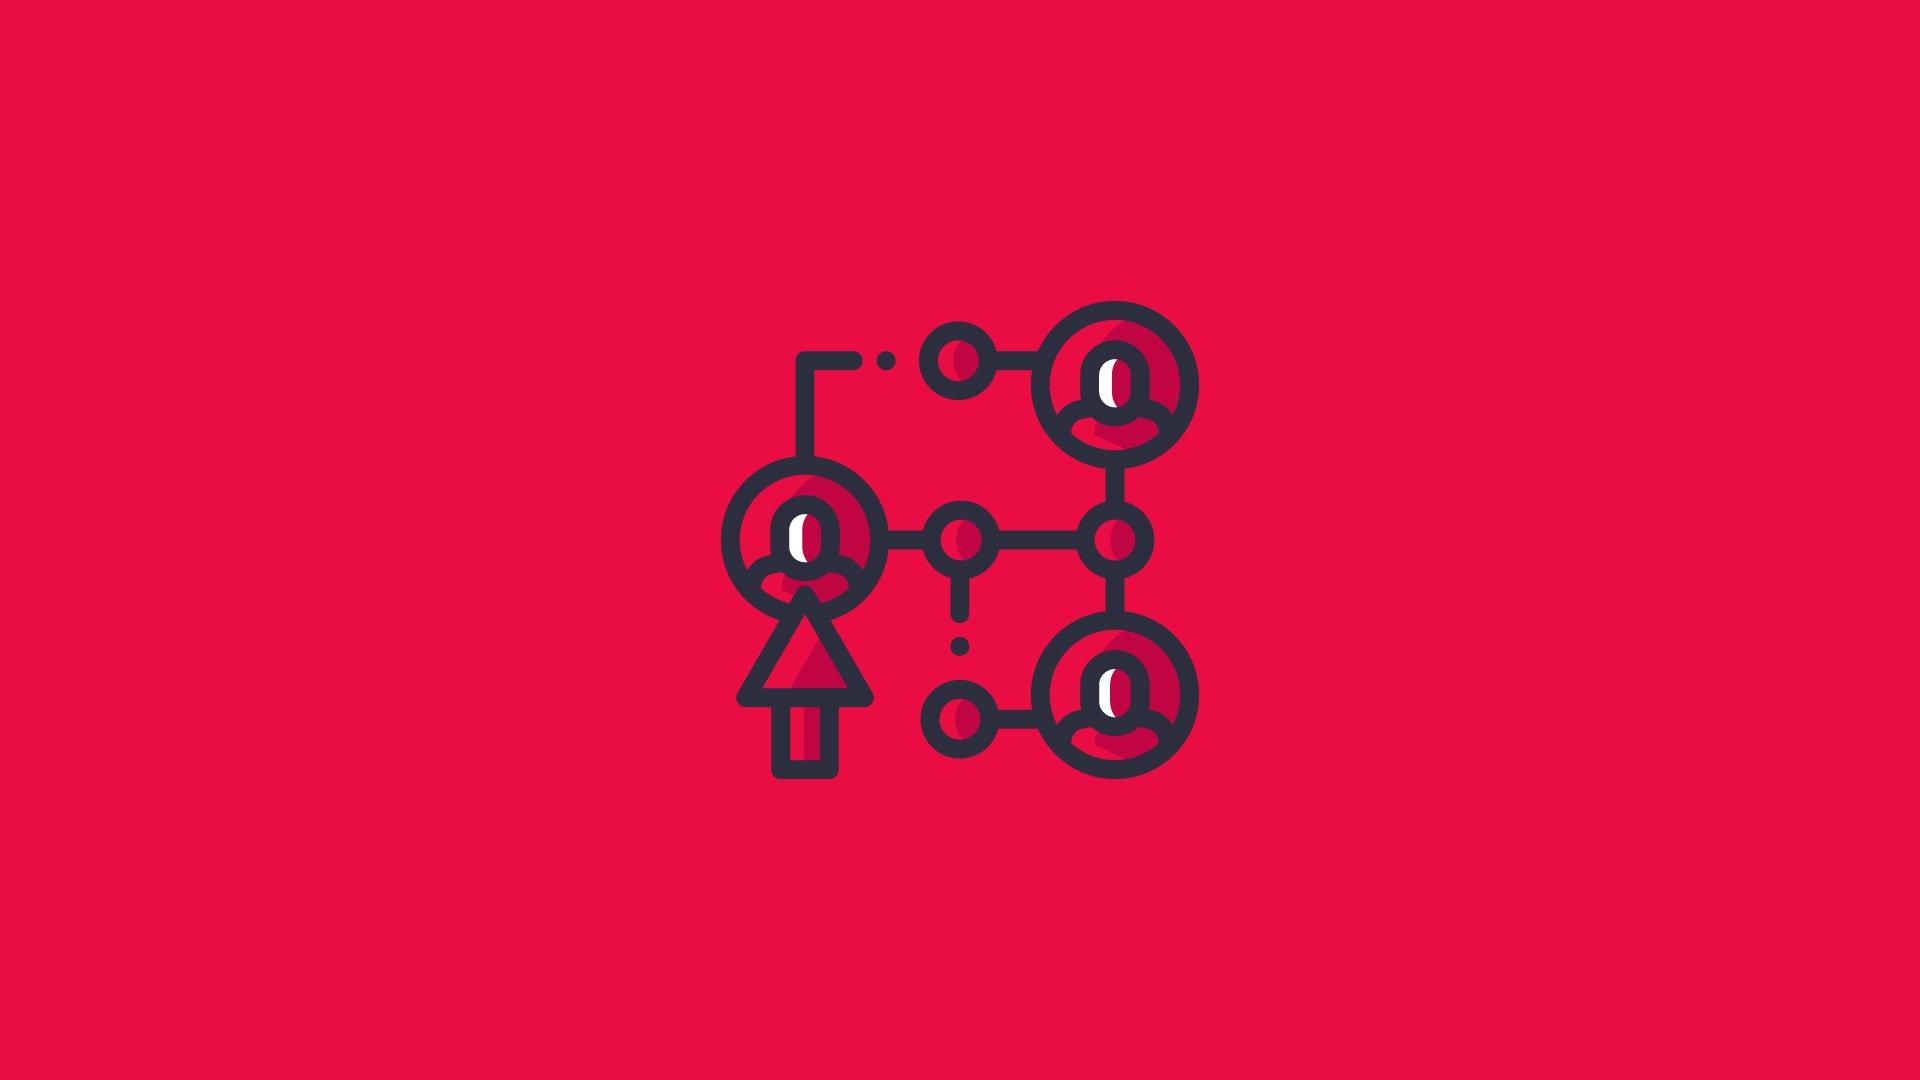 elementos comunicativos para estrategias de marketing